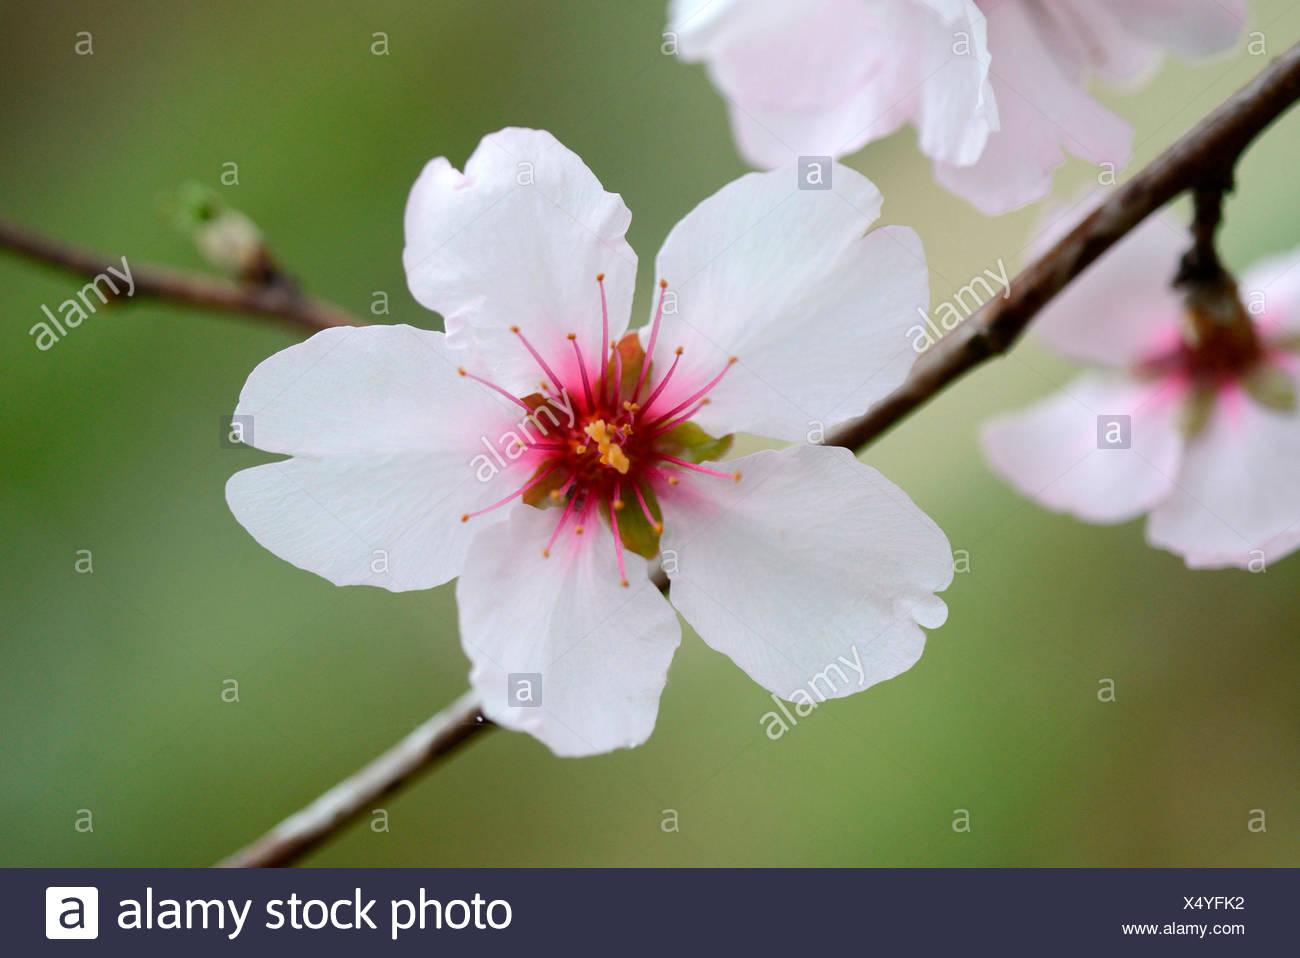 Almond tree / (Prunus dulcis) - Stock Image